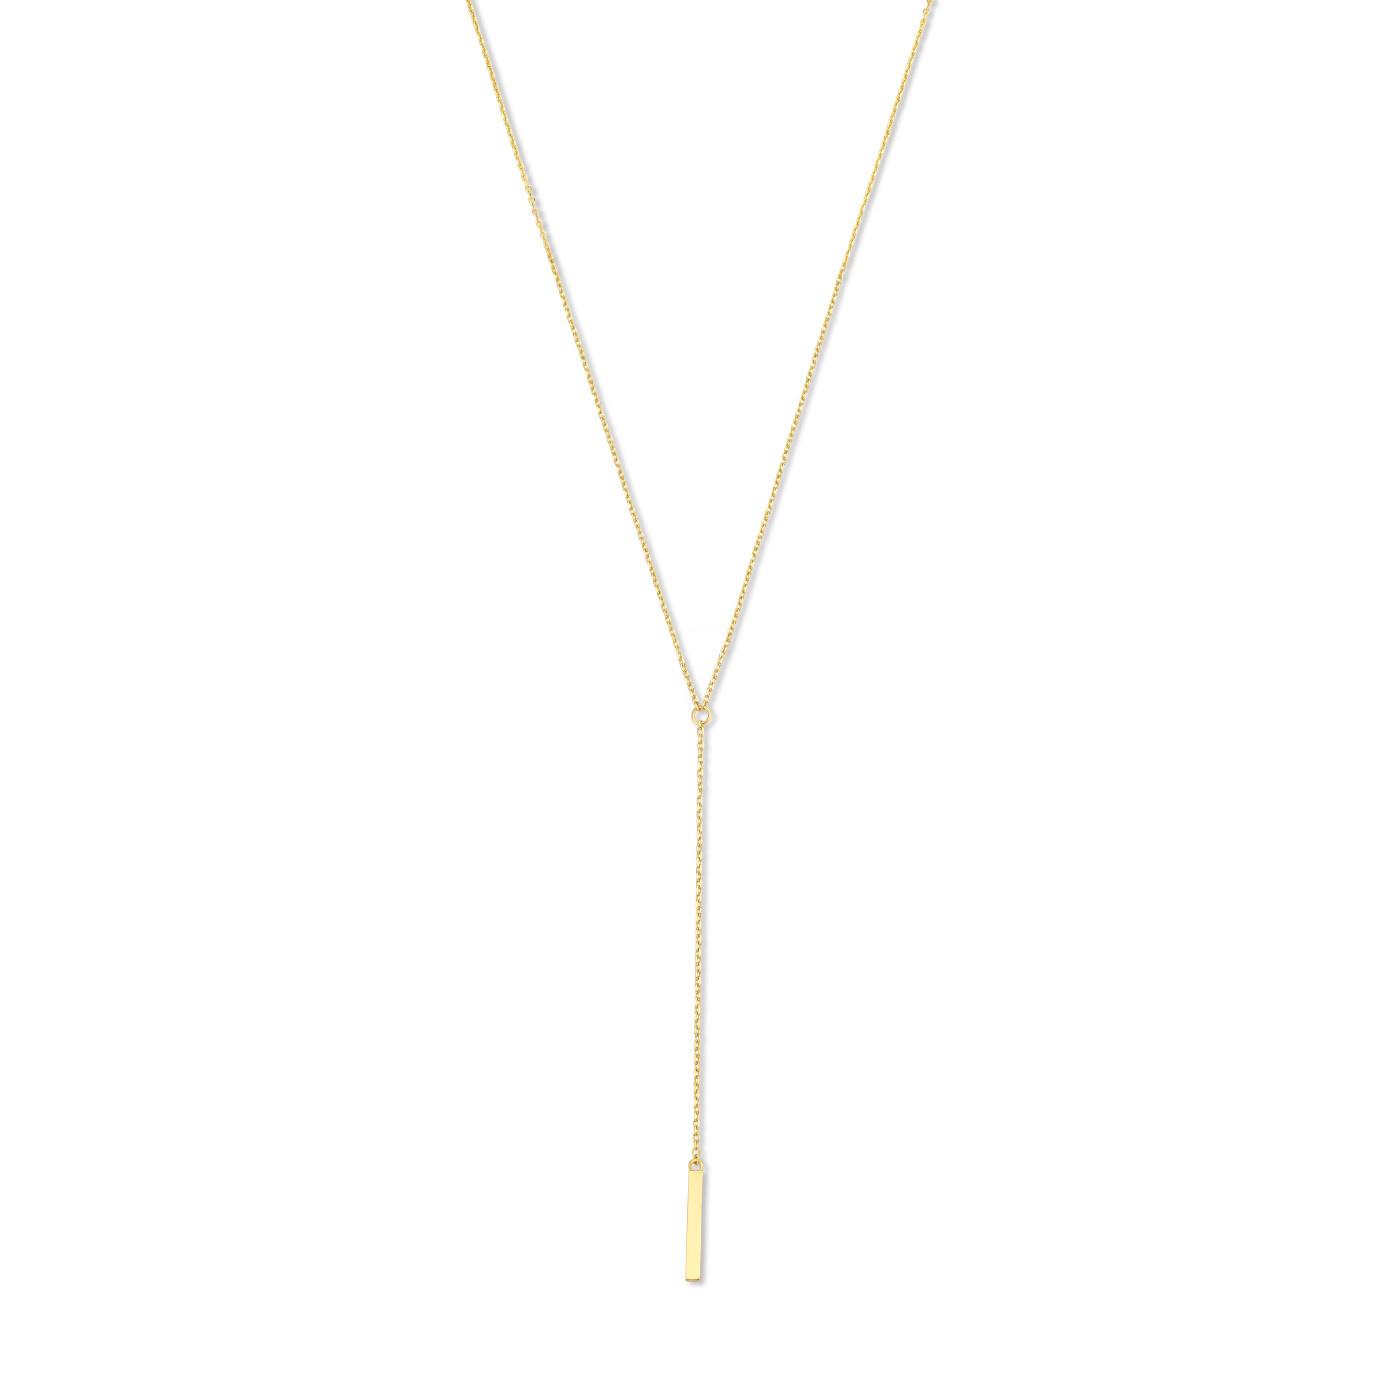 Isabel Bernard Le Marais Dauphine 14 karaat gouden collier met staafje